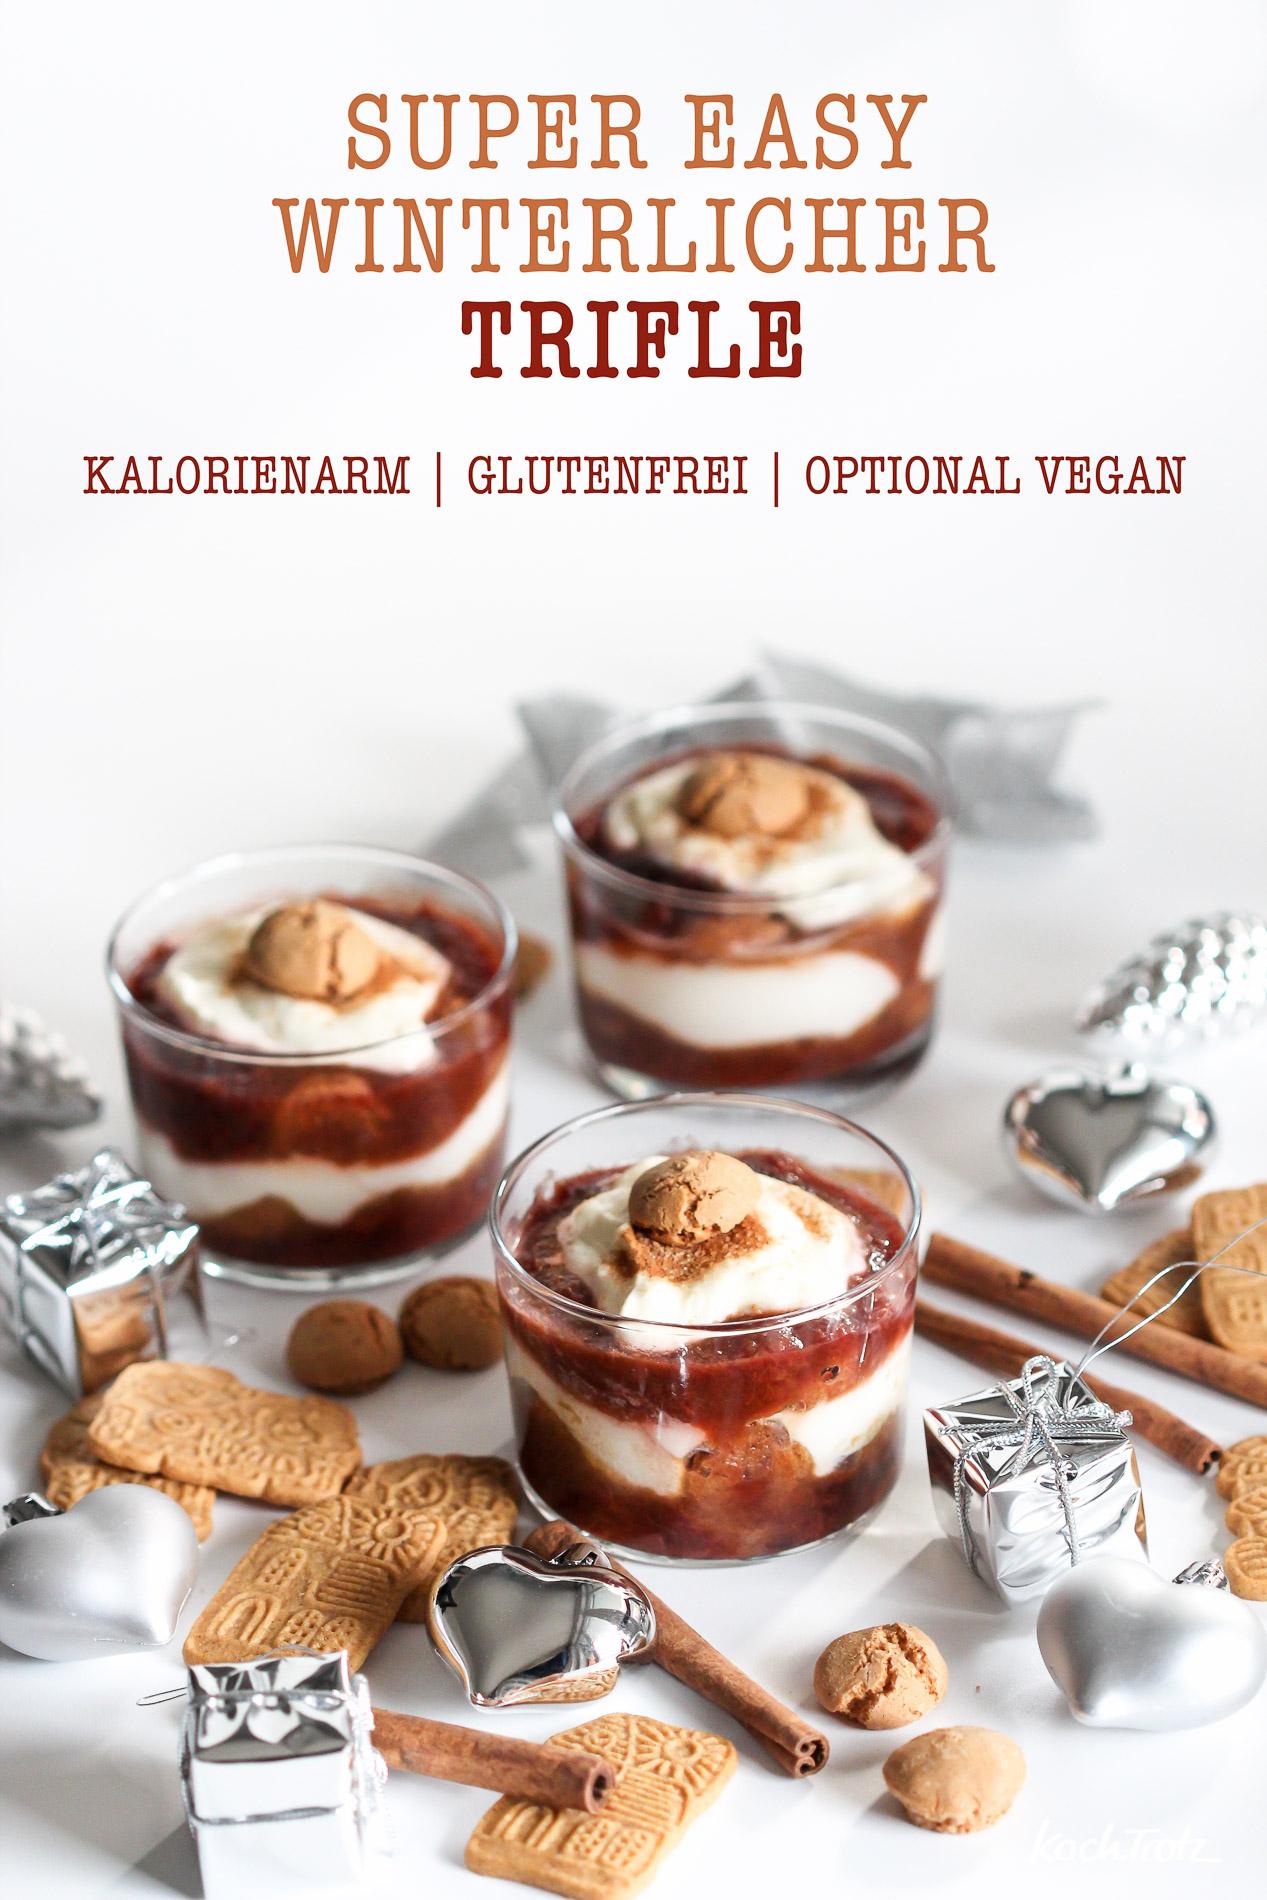 Dessert Zum Weihnachtsessen.Winterlicher Trifle Einfach Und Schnell Optional Glutenfrei Vegan Histaminarm Fructosearm